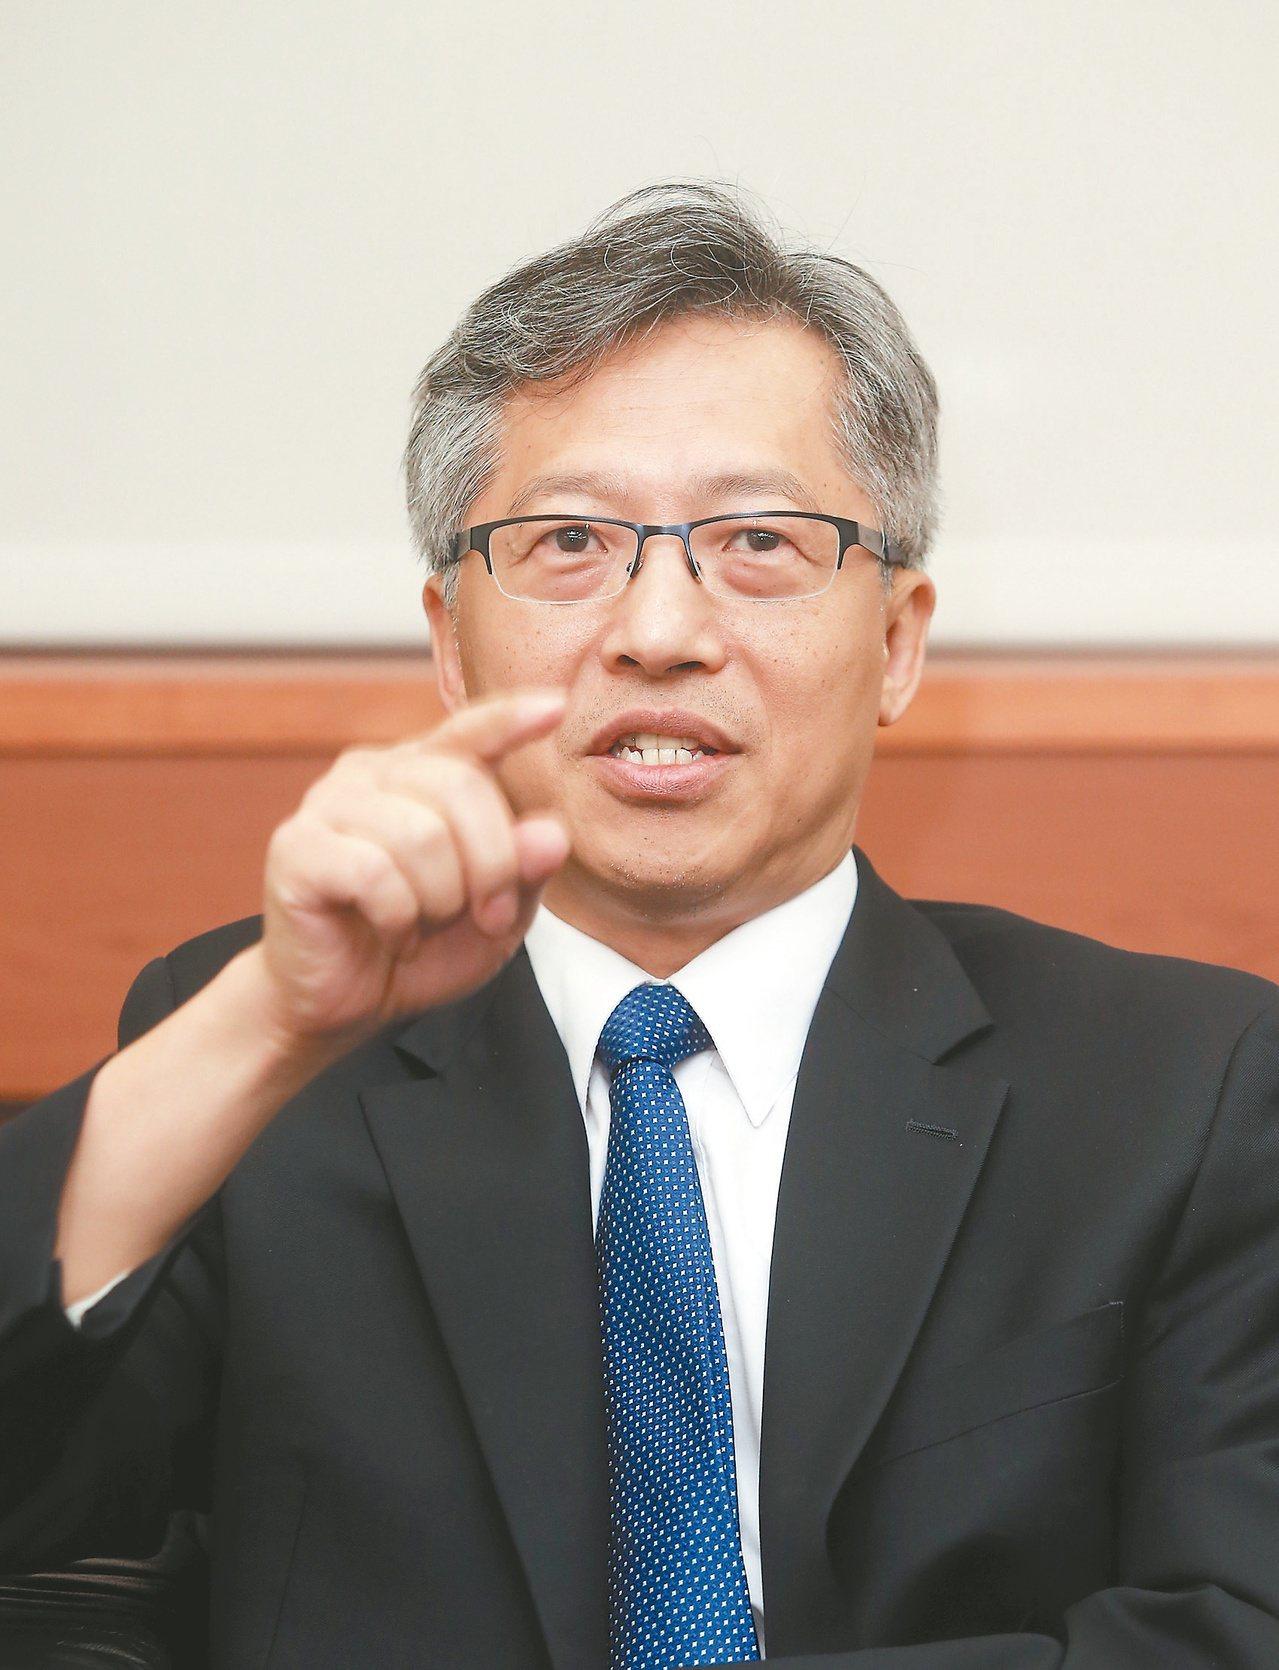 中研院長廖俊智獲選為台大校長遴選委員。本報資料照片